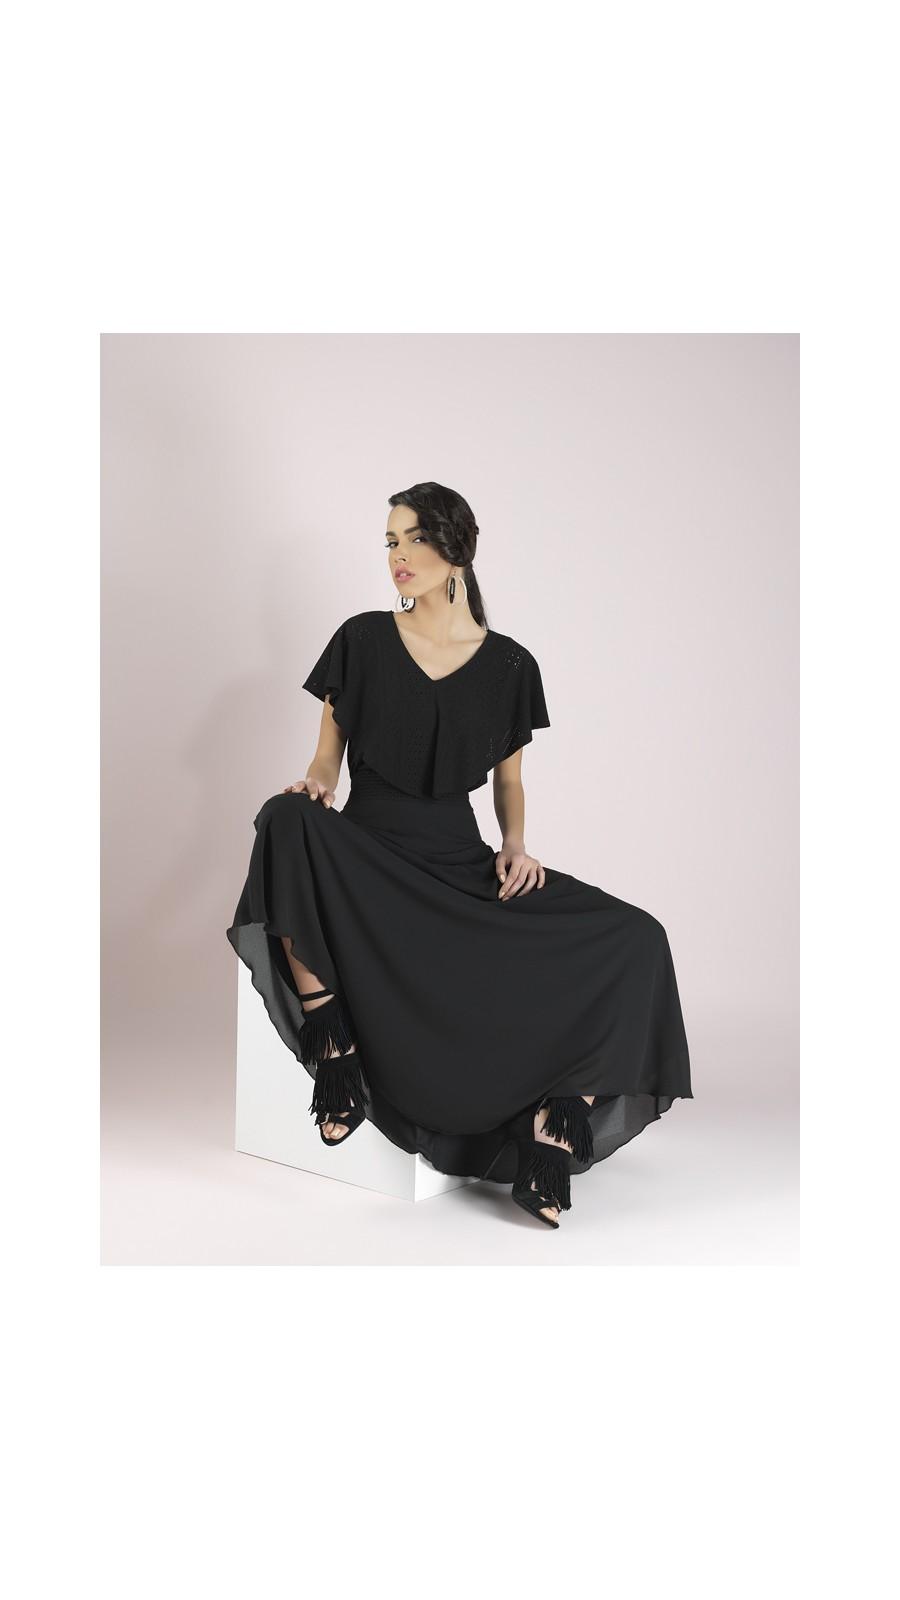 Φούστα διαφάνεια με λάστιχο διακοσμητικό  Φούστα διαφάνεια με λάστιχο  διακοσμητικό f30a65afa12